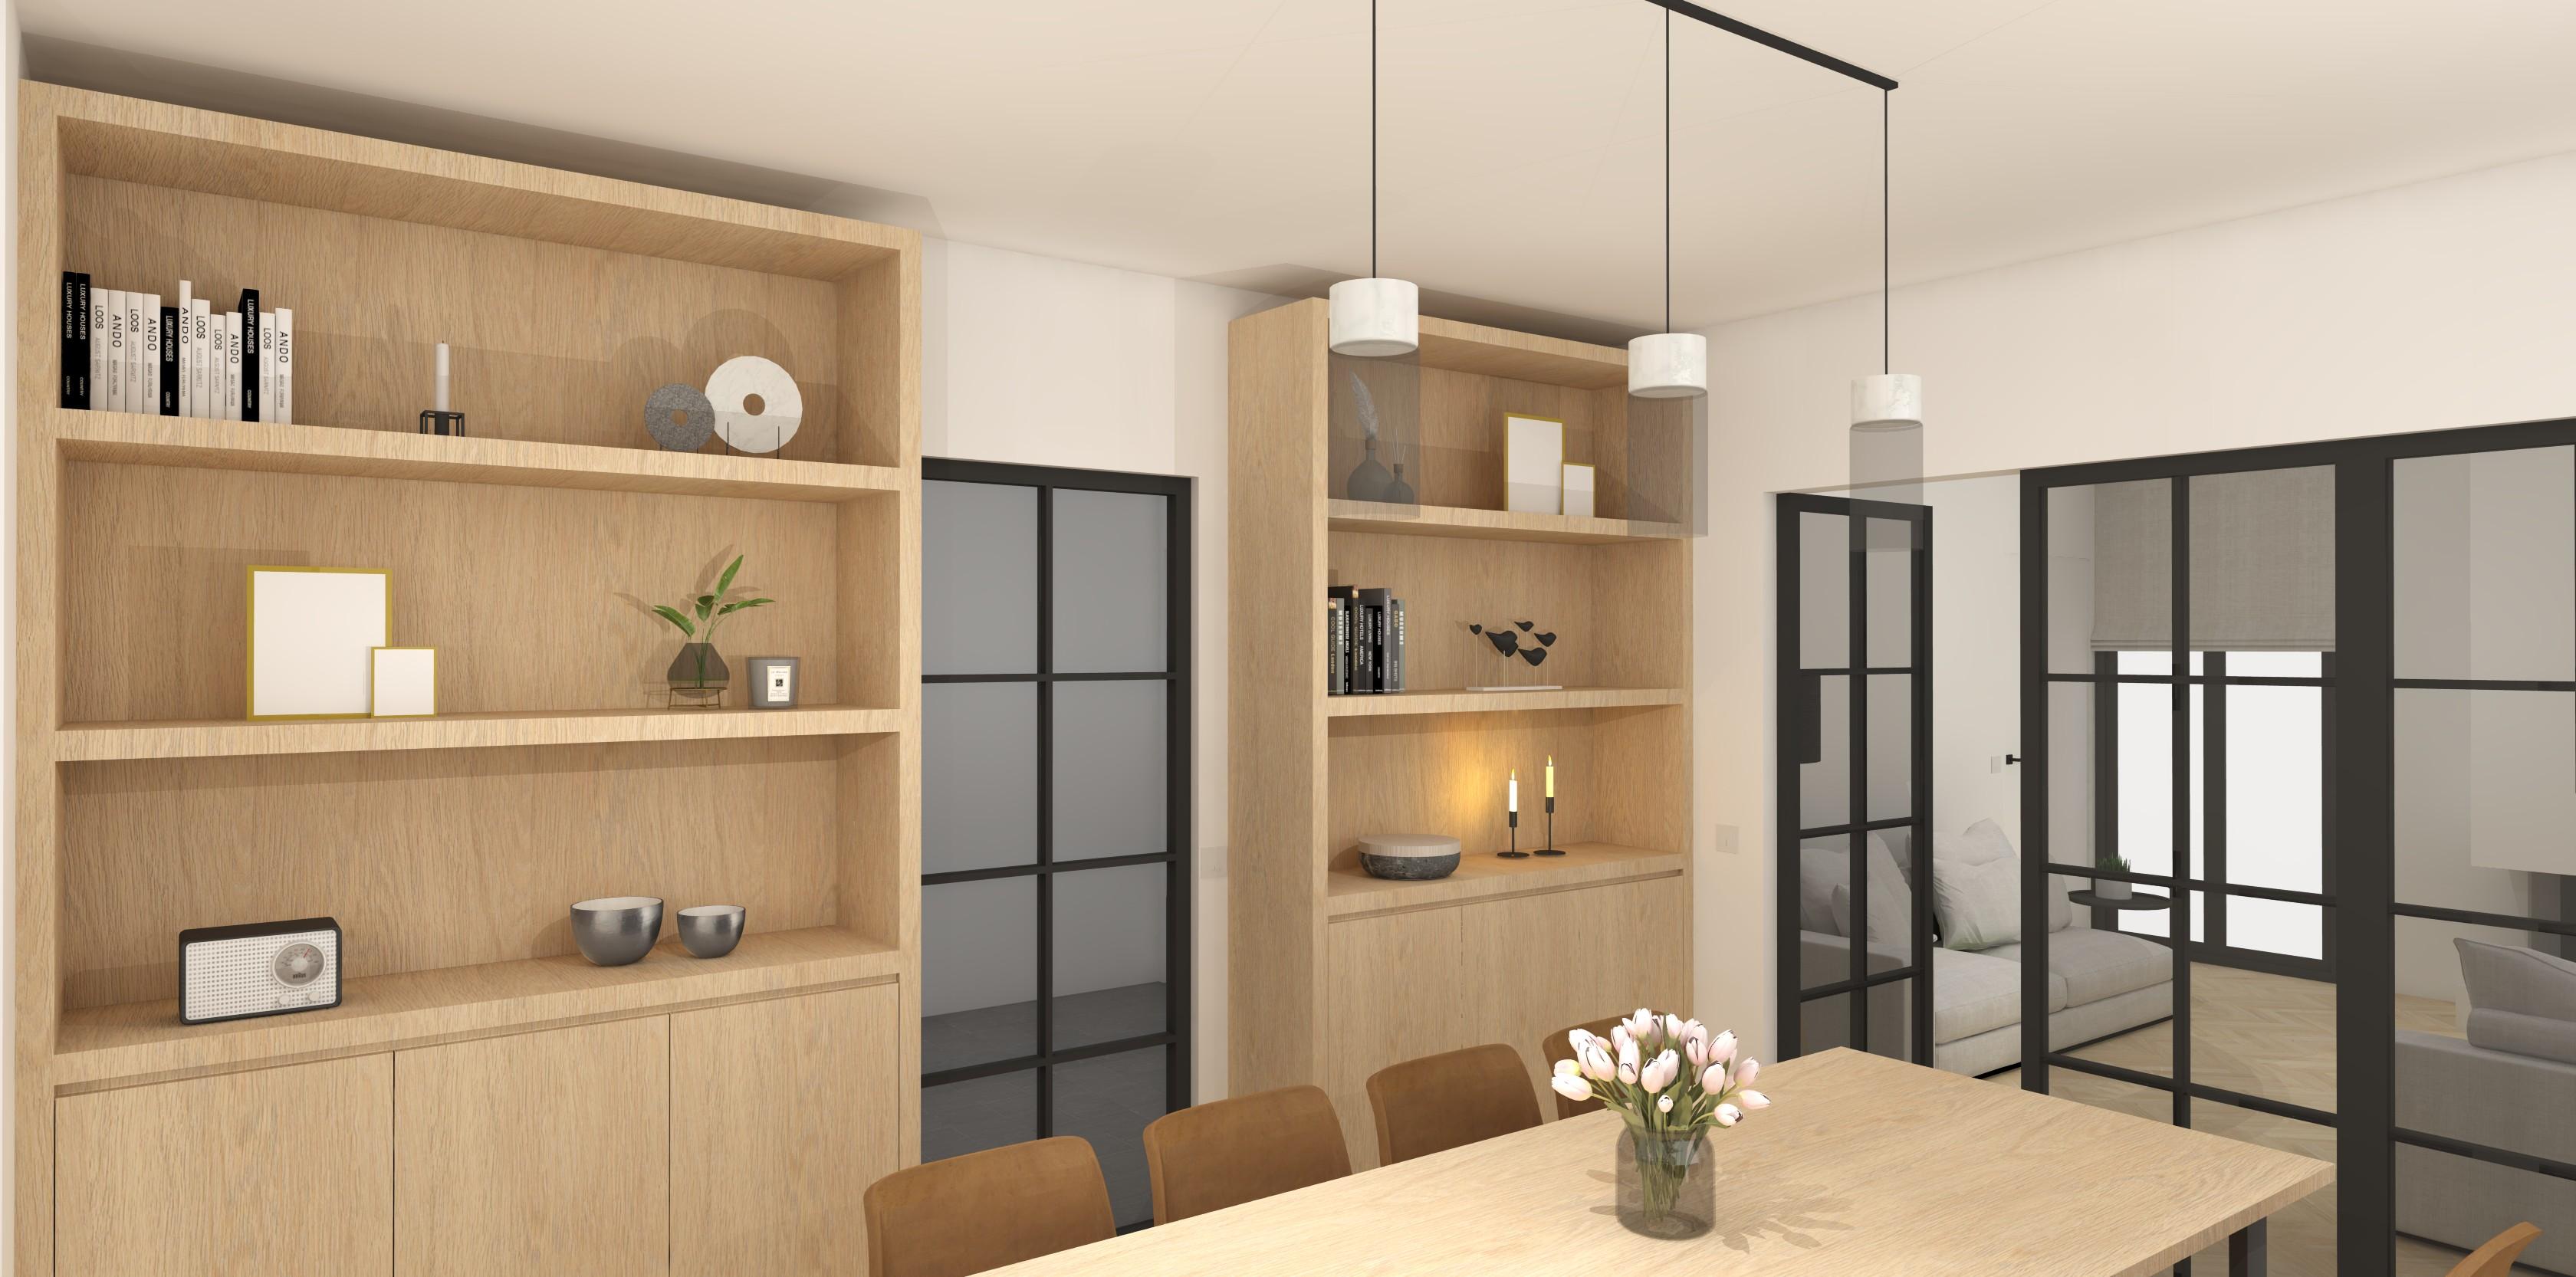 interieurarchitectuur nieuwbouw eetkamer